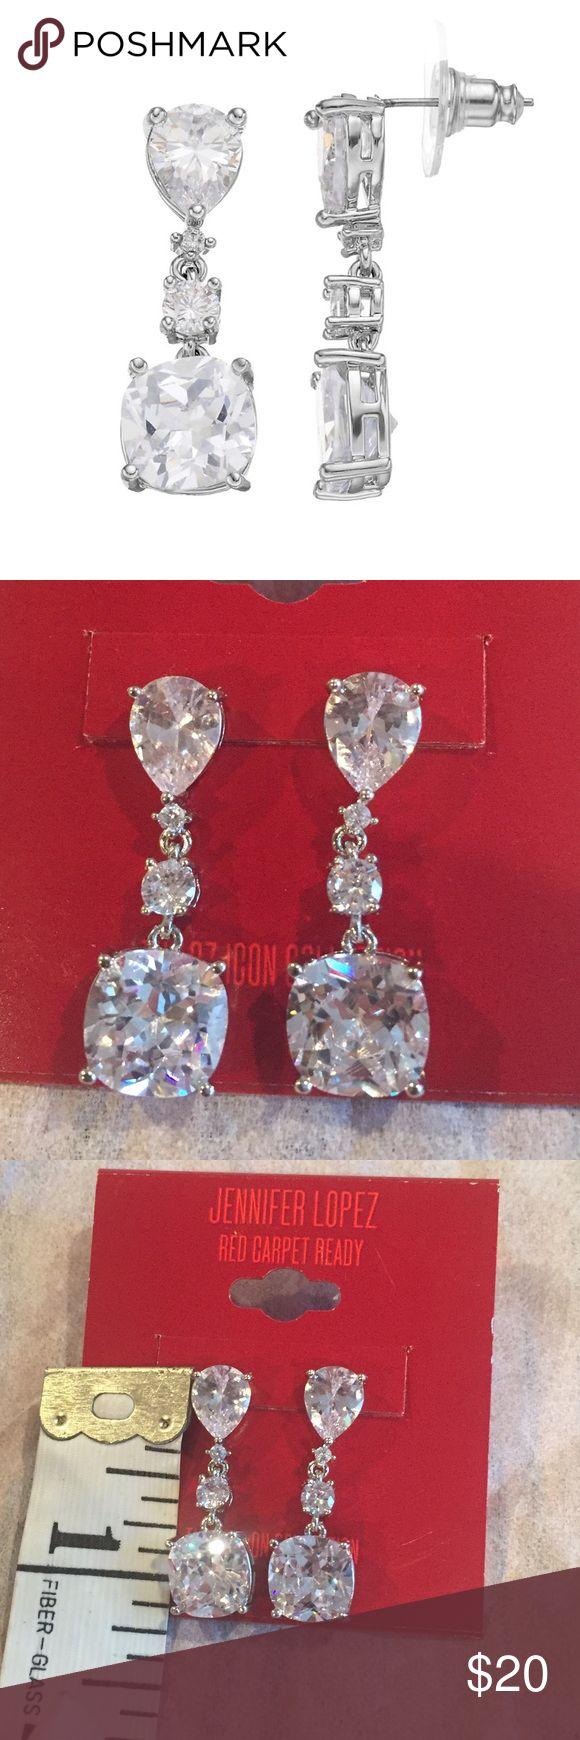 🆕 Jennifer Lopez Cubic Zirconia Dangle Earrings 🆕 Jennifer Lopez Cubic Zirconia Dangle Earrings. Description in 4th picture. Jennifer Lopez Jewelry Earrings